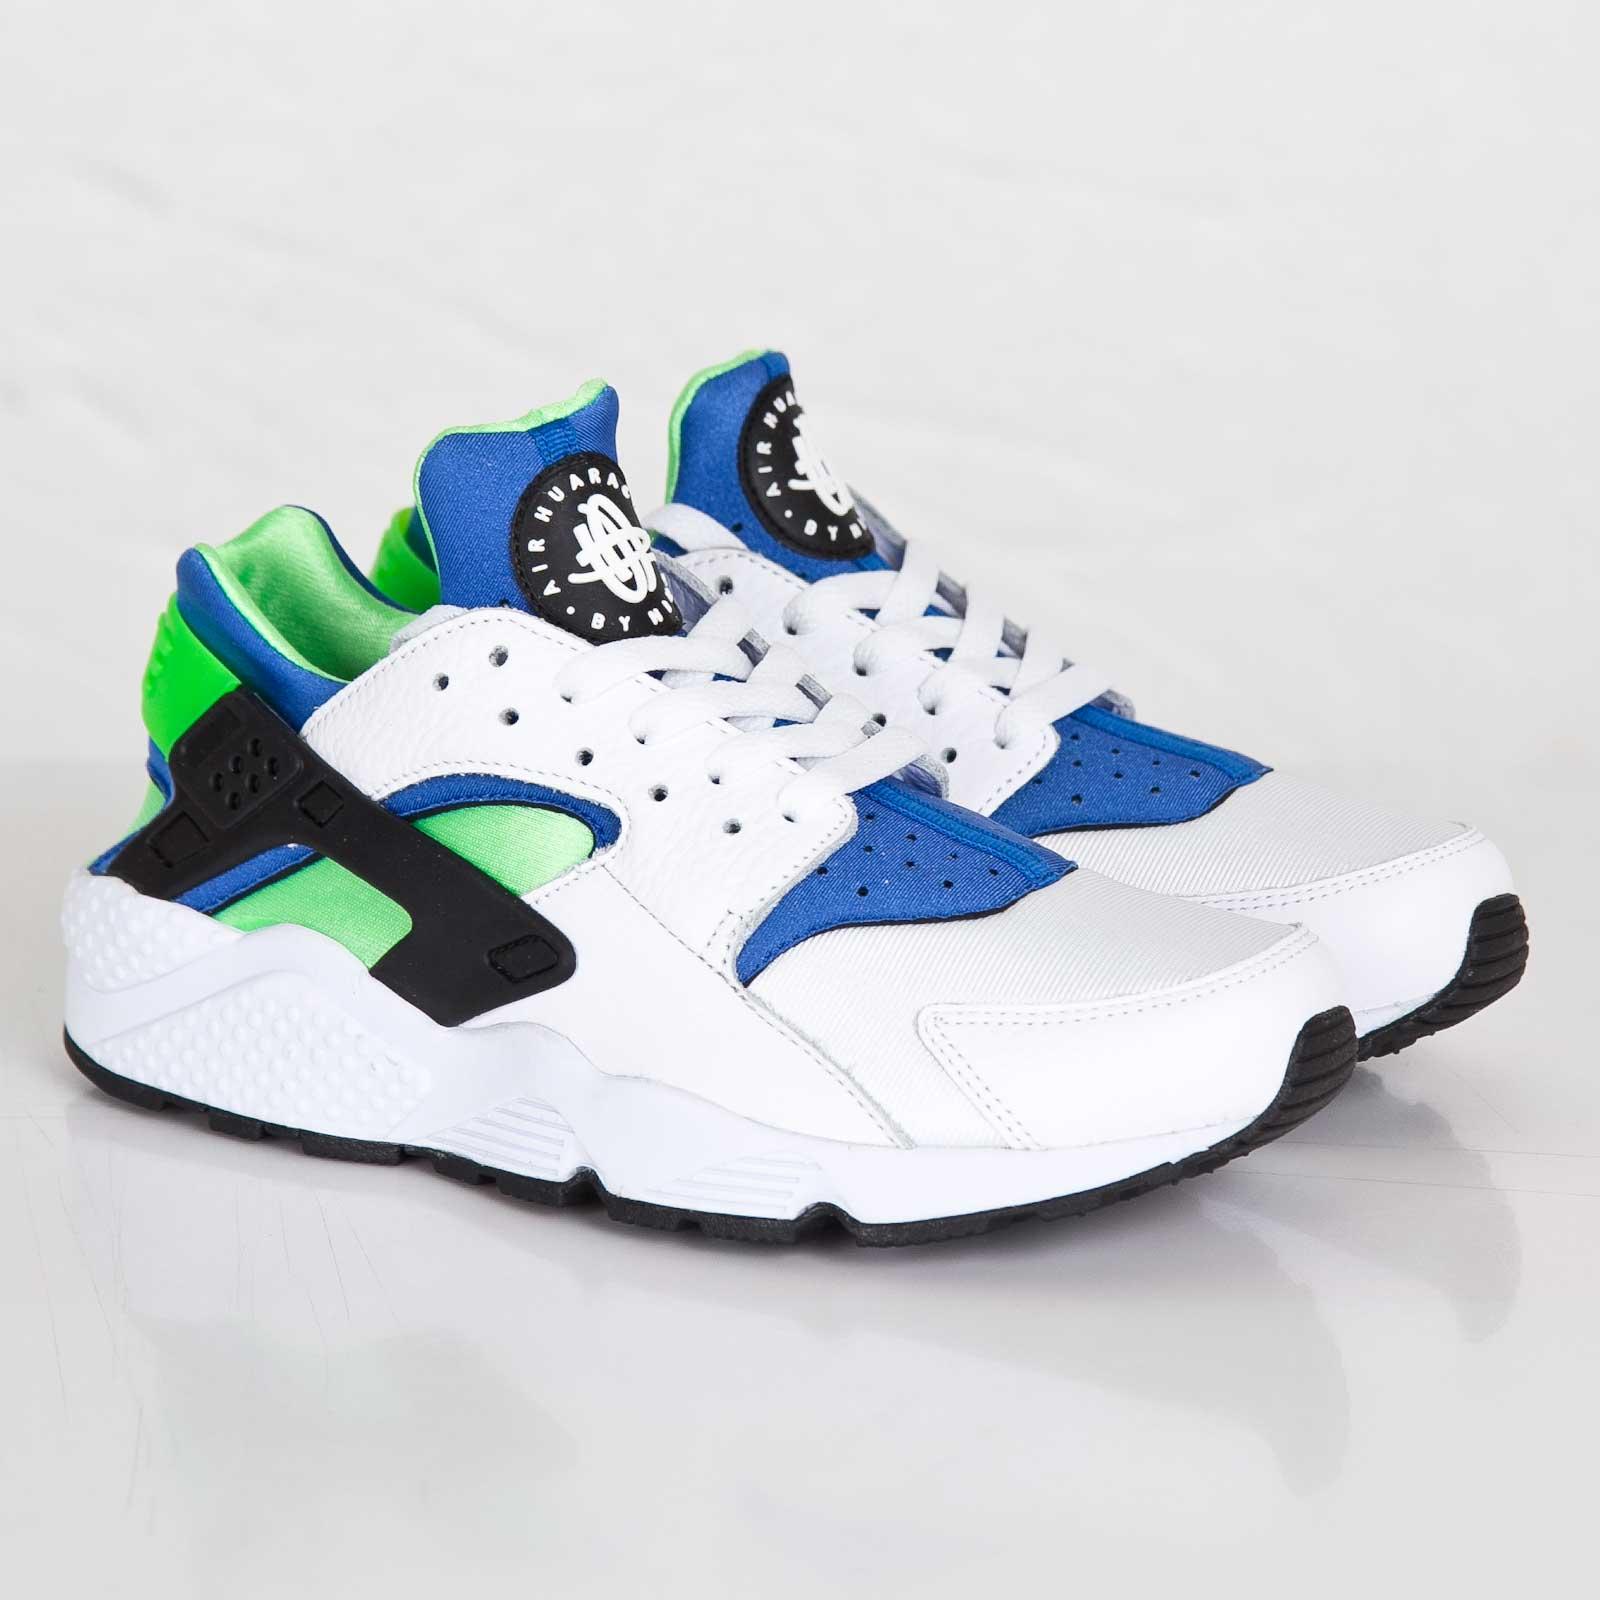 huge discount 6c4b6 c7918 Nike Air Huarache